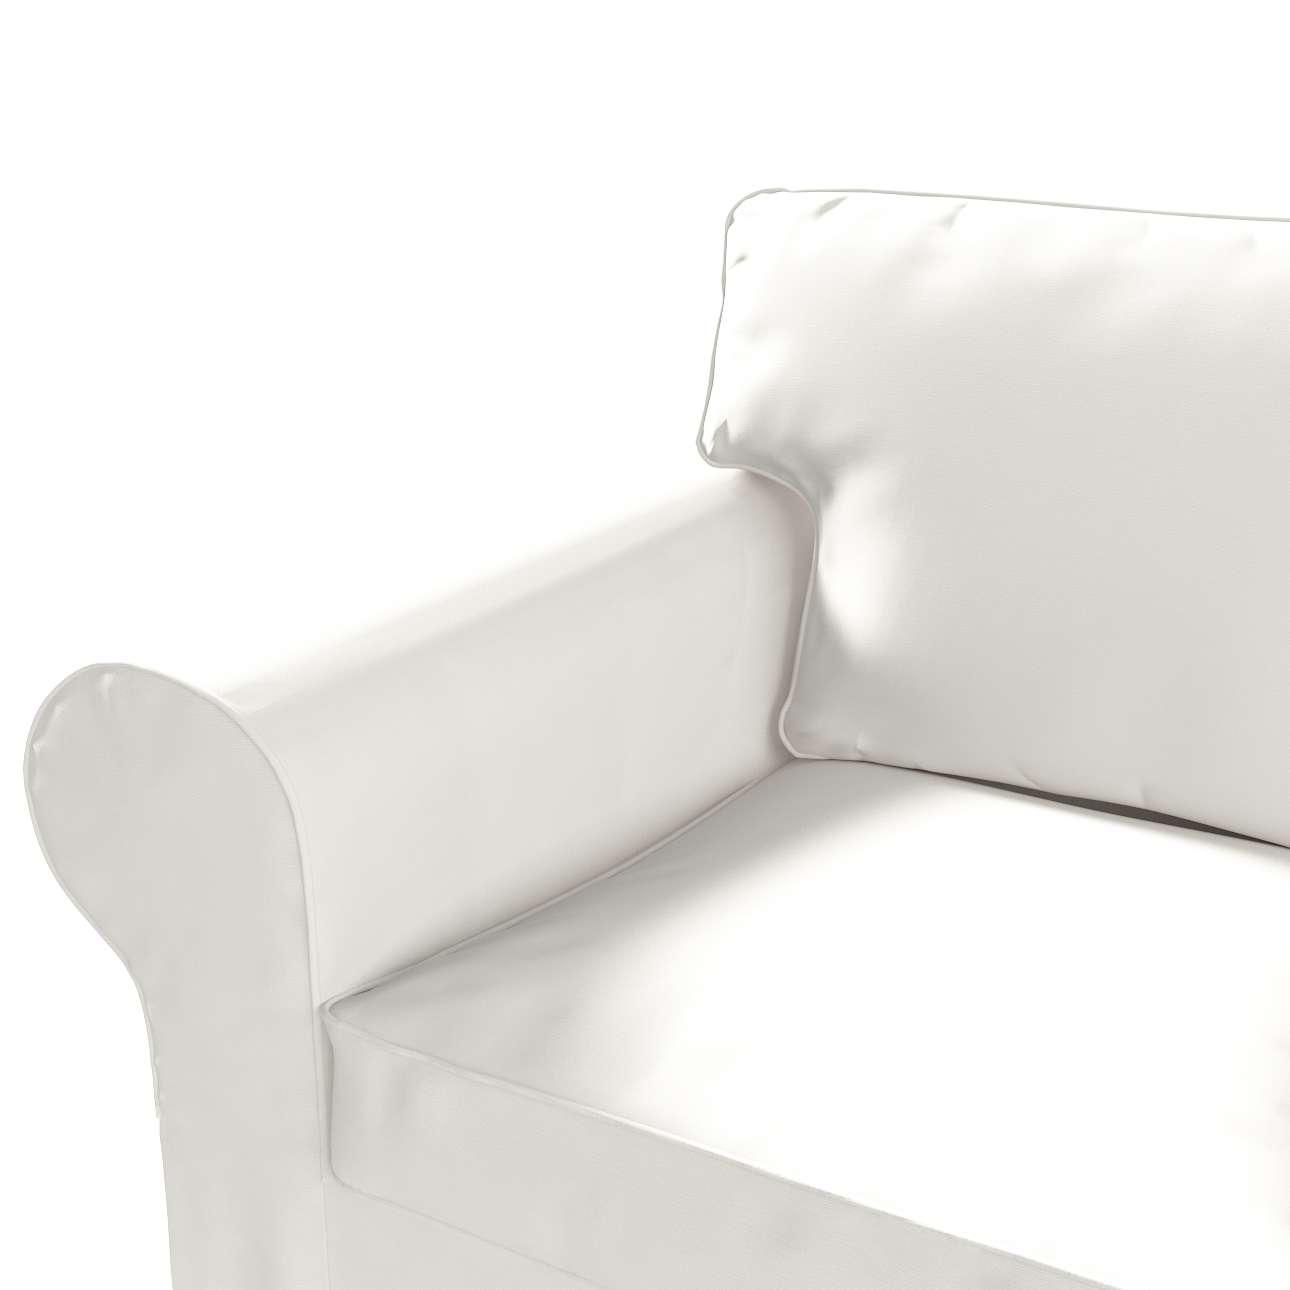 Ektorp 3 sæder Betræk uden sofa fra kollektionen Cotton Panama, Stof: 702-34